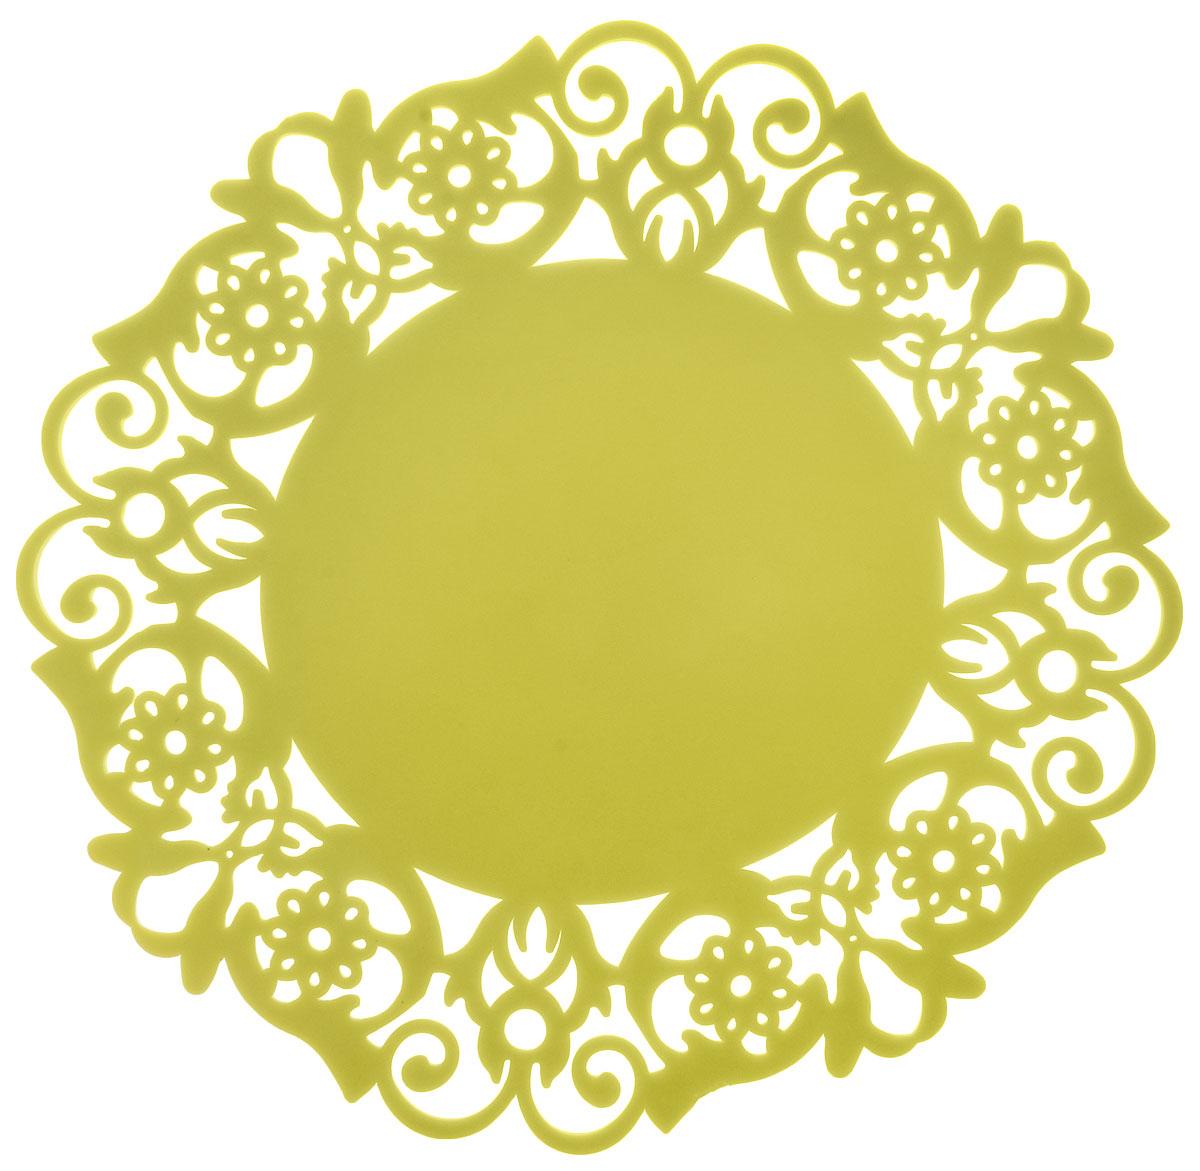 Подставка под горячее Доляна Чаепитие, цвет: лимонный, 20 см812071Силиконовая подставка под горячее Доляна Чаепитие — практичный предмет, который обязательно пригодится в хозяйстве. Изделие поможет сберечь столы, тумбы, скатерти и клеёнки от повреждения нагретыми сковородами, кастрюлями, чайниками и тарелками. Подставка легко моется, не впитывает запахи и не деформируется. Диаметр: 20 см.